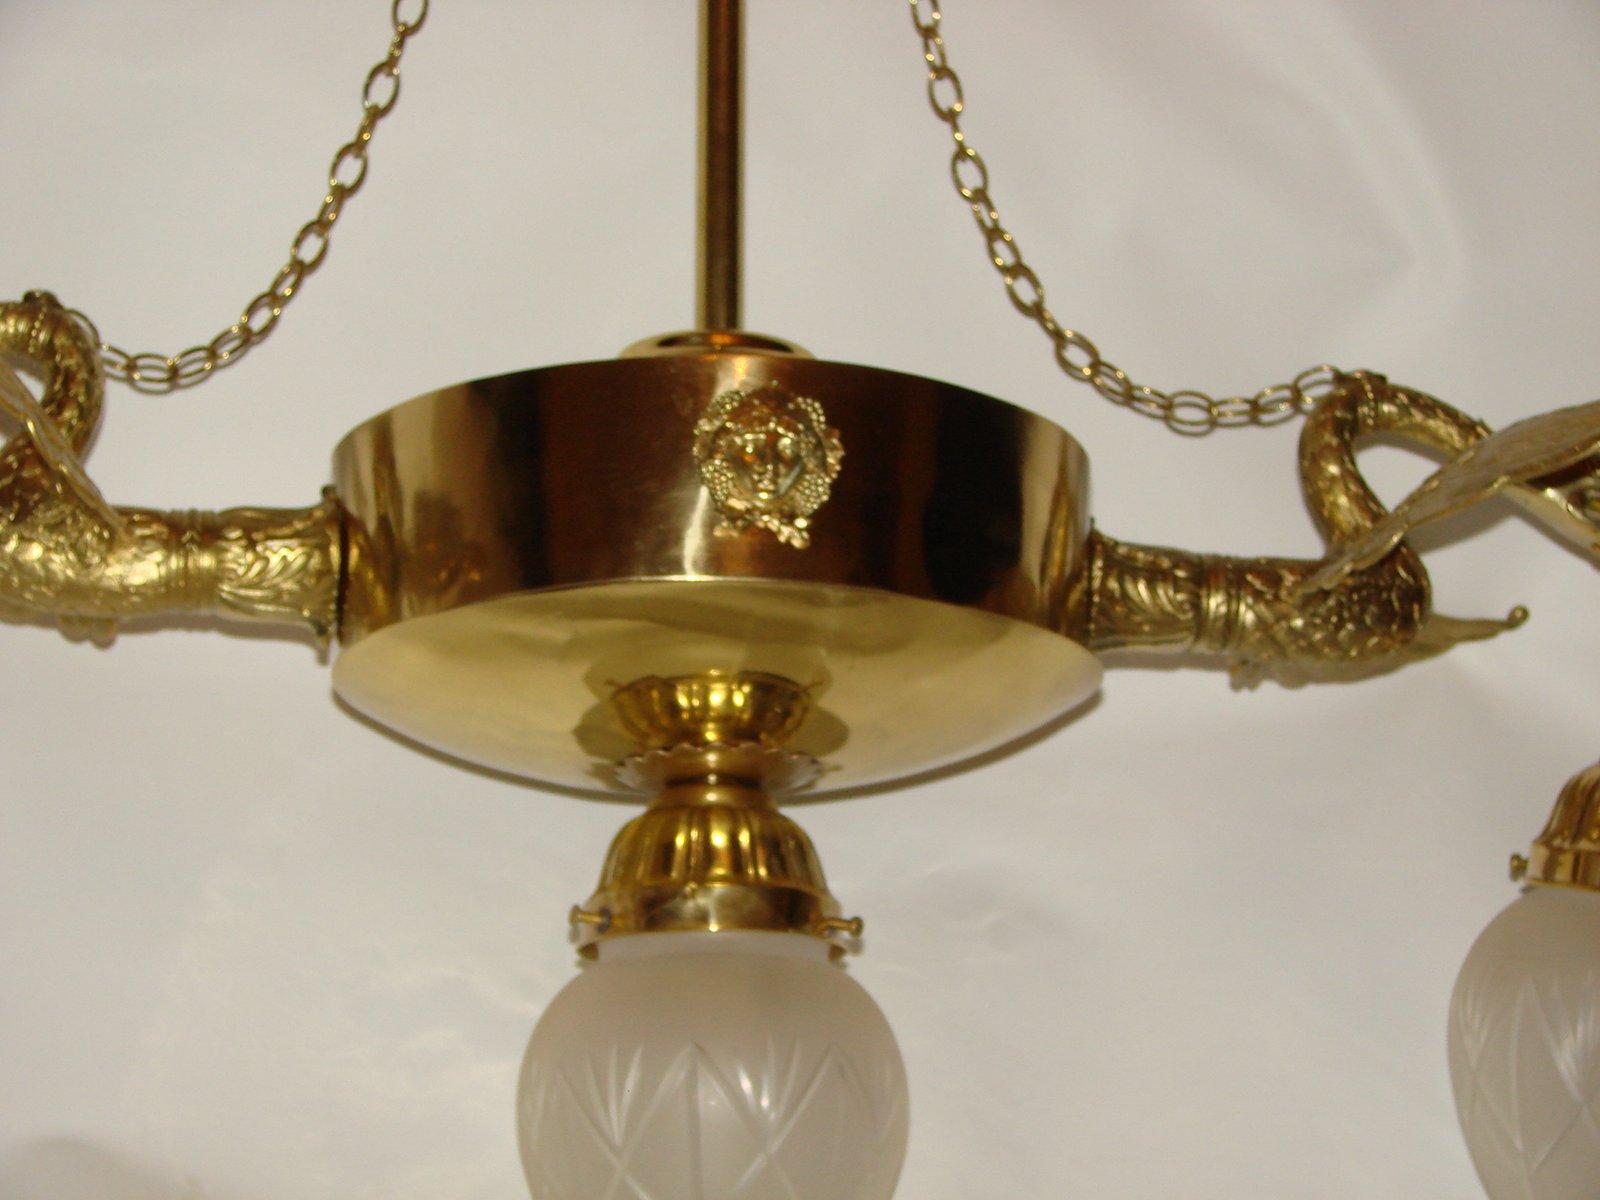 Kronleuchter Barock Gold ~ Antiker jugendstil kronleuchter bei pamono kaufen